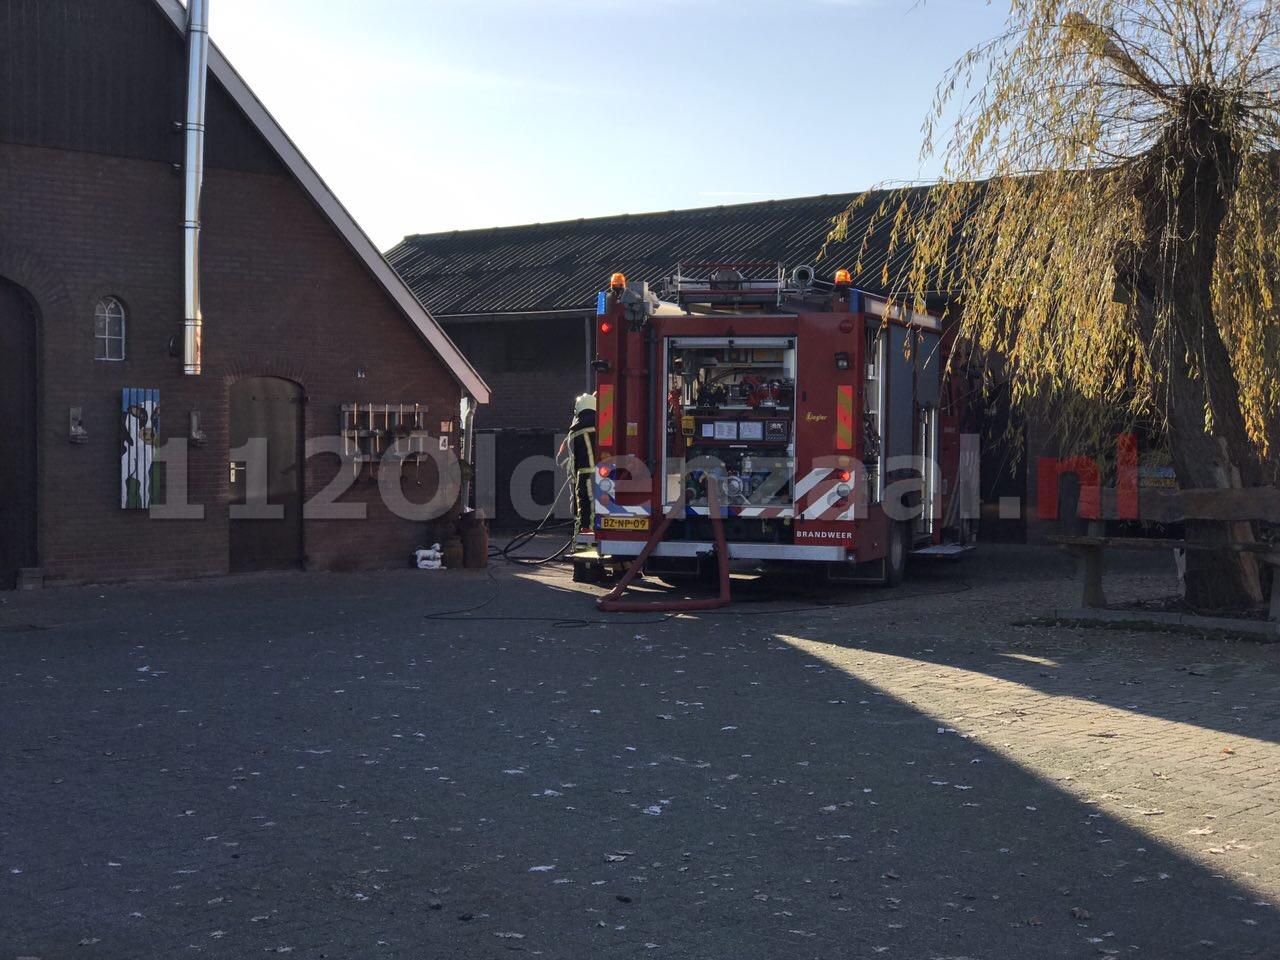 Foto: Rookschade bij brand in woning Wolbertdijk Weerselo